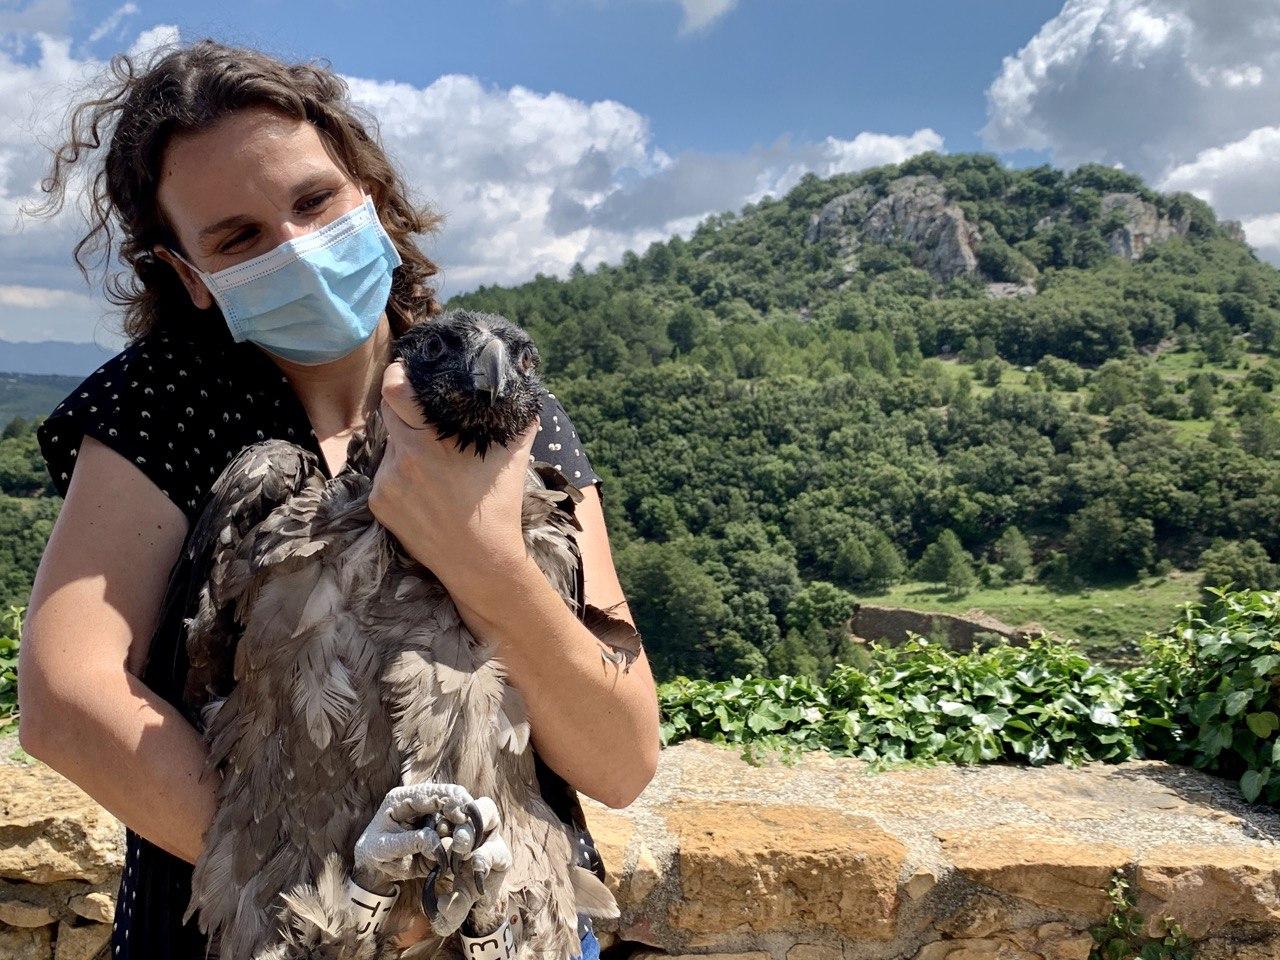 La secretaria autonómica de Emergencia Climática y Transición Ecológica, Paula Tuzón, ha participado en la liberación de dos crías de quebrantahuesos en el parque natural de la Tinença de Benifassà (Castellón). Imagen: Comunidad Valenciana